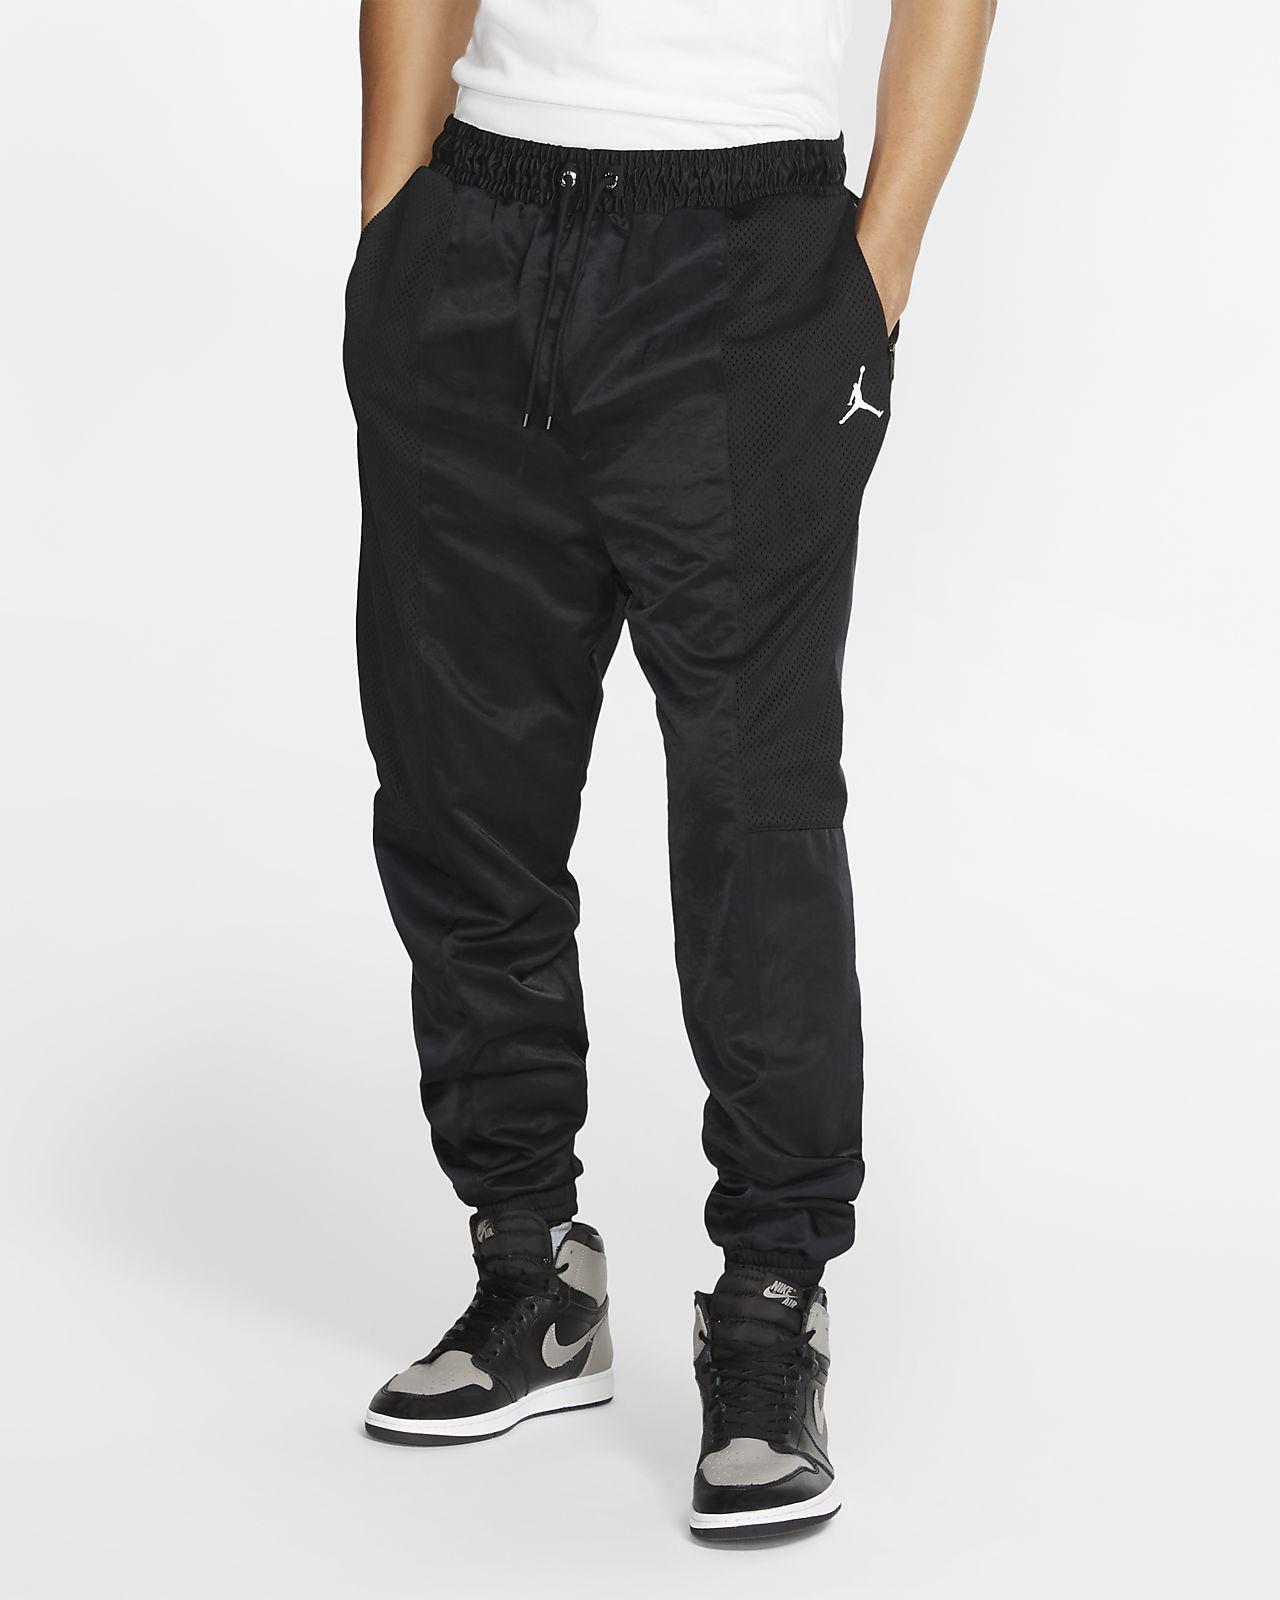 PSG-bukser til mænd